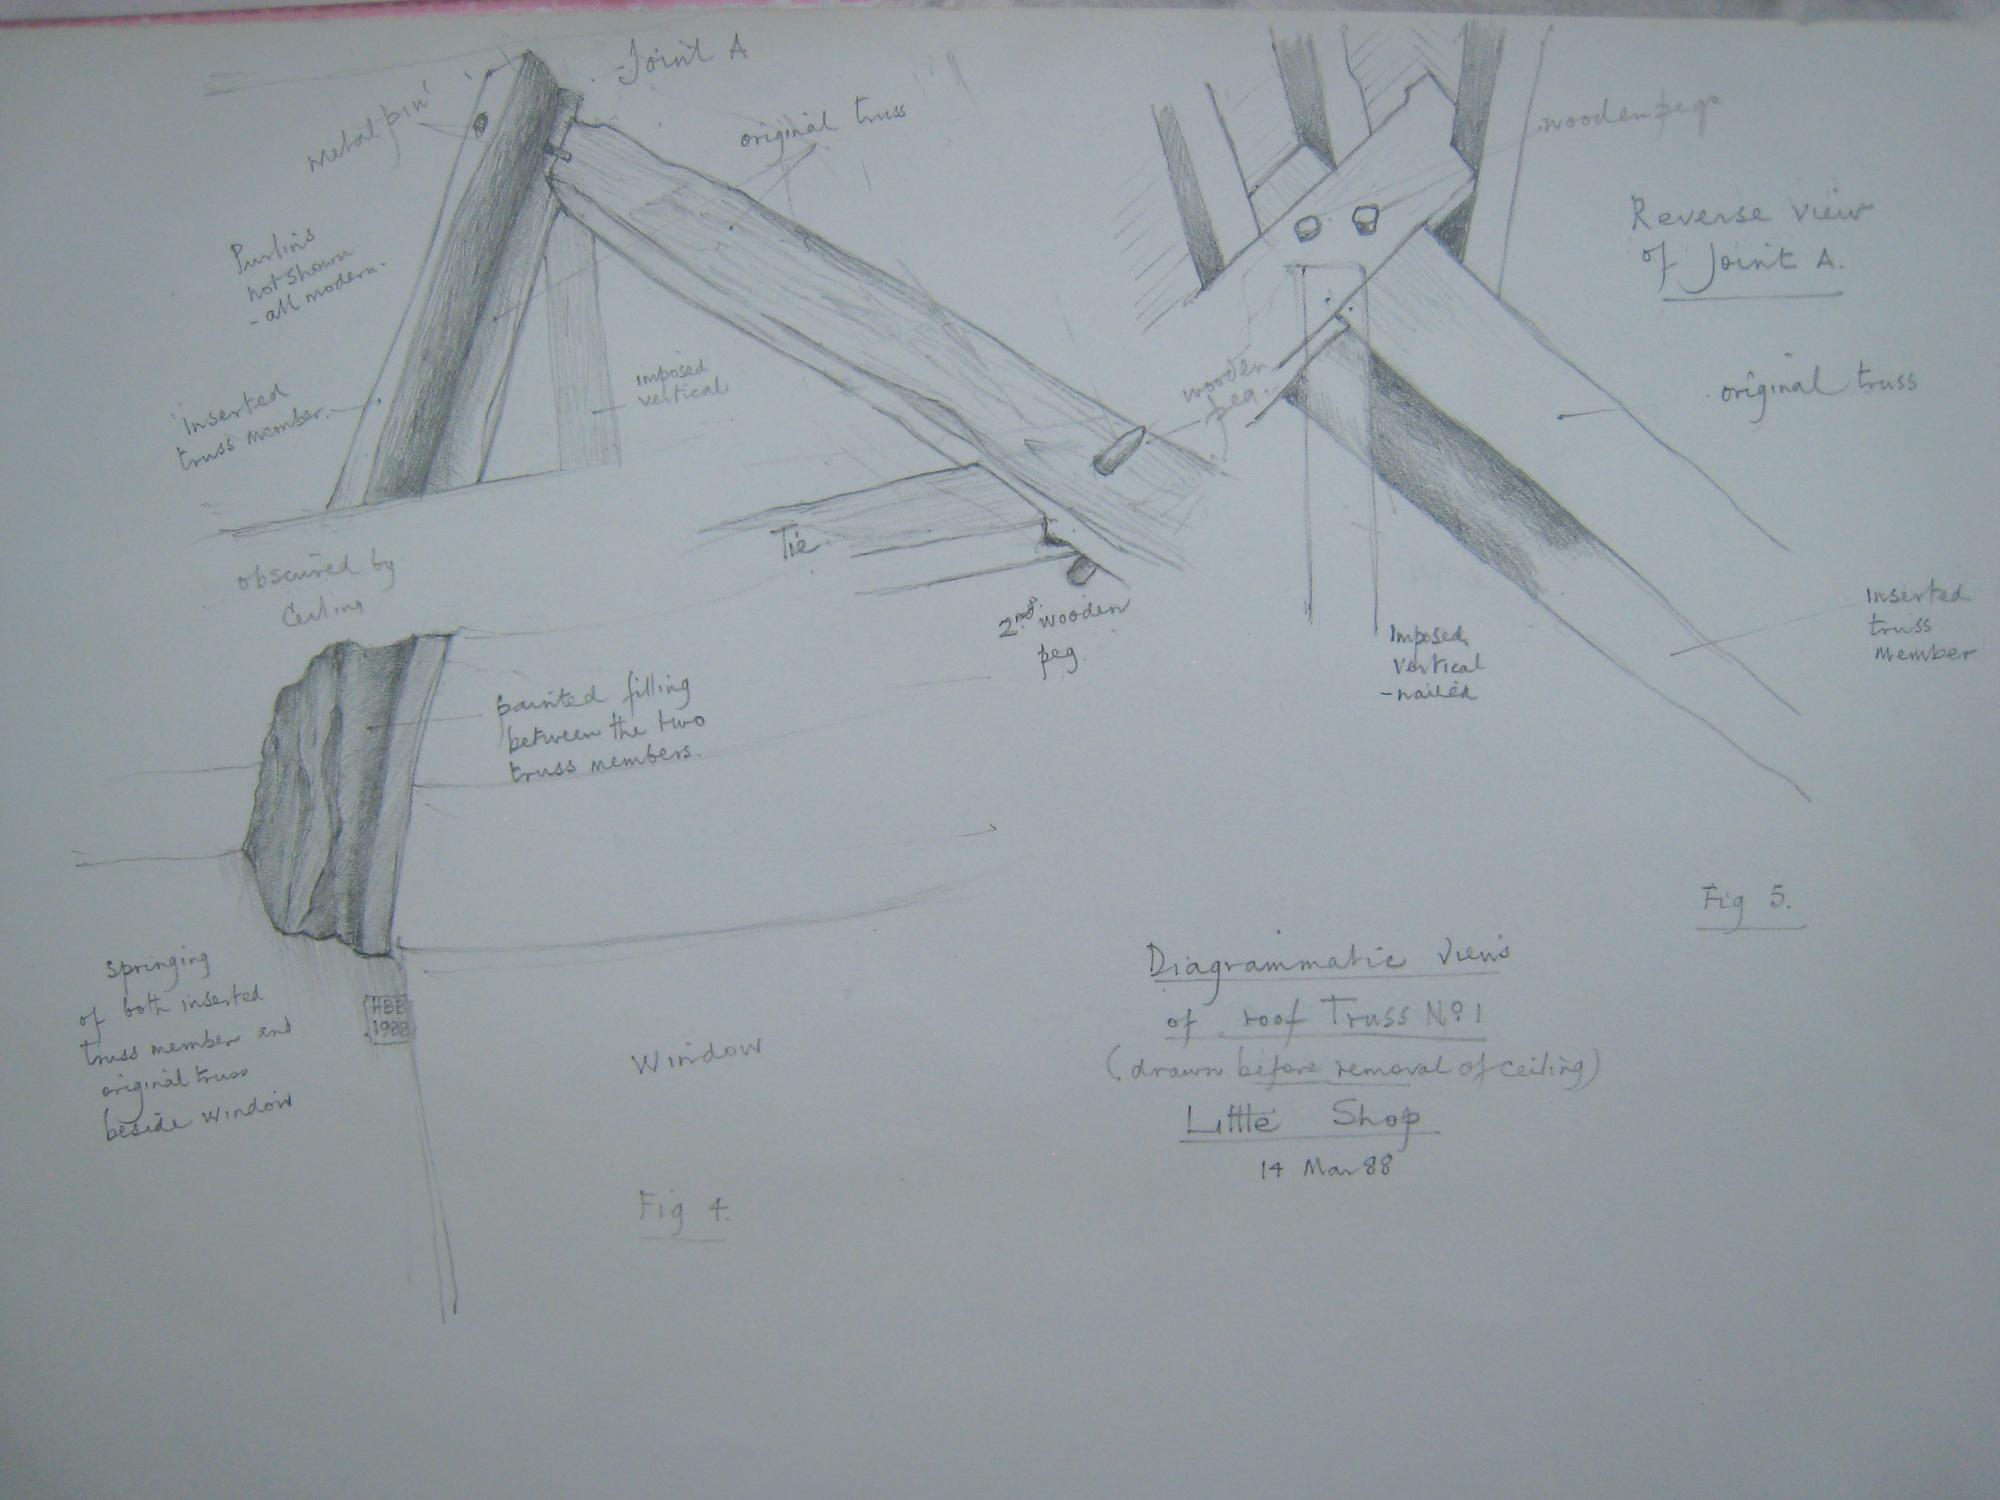 Little Shop: roof truss details 1